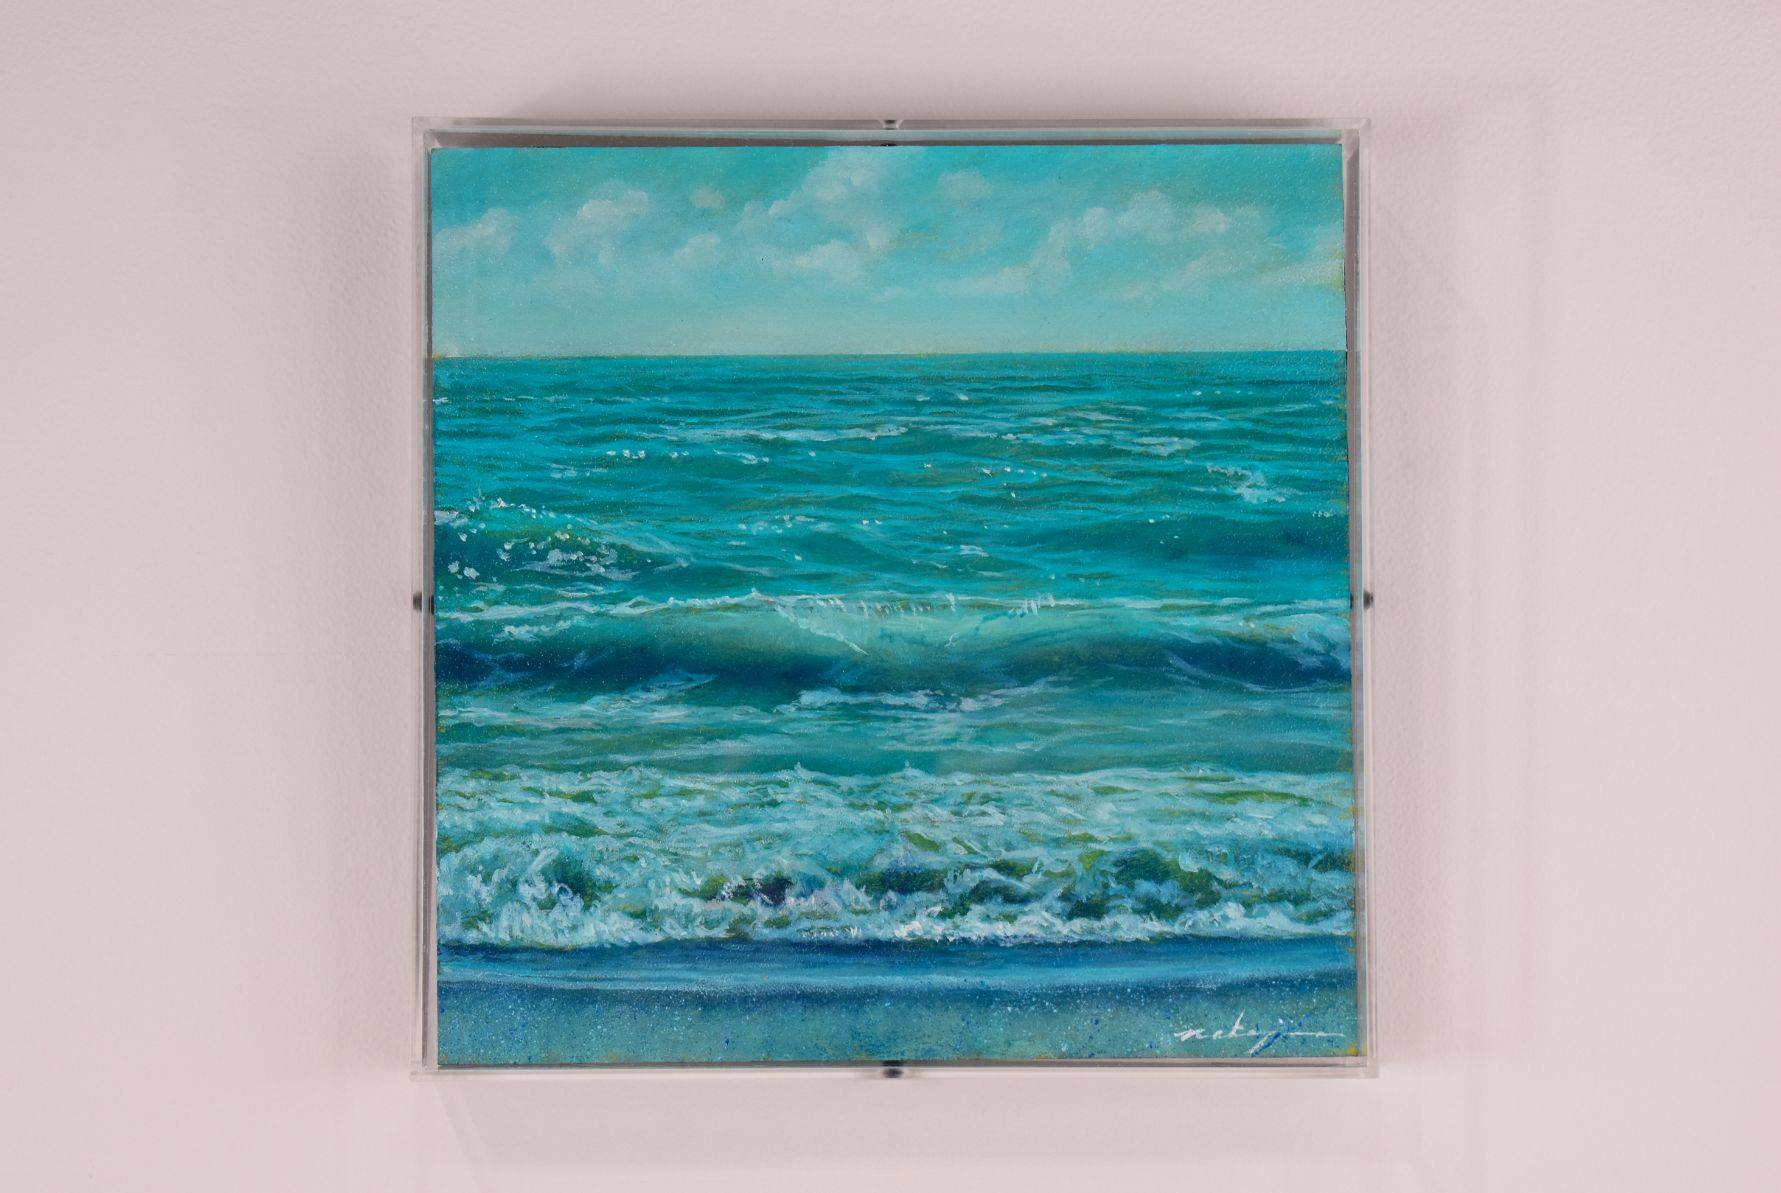 匿名の地平線 - ver.turquoise